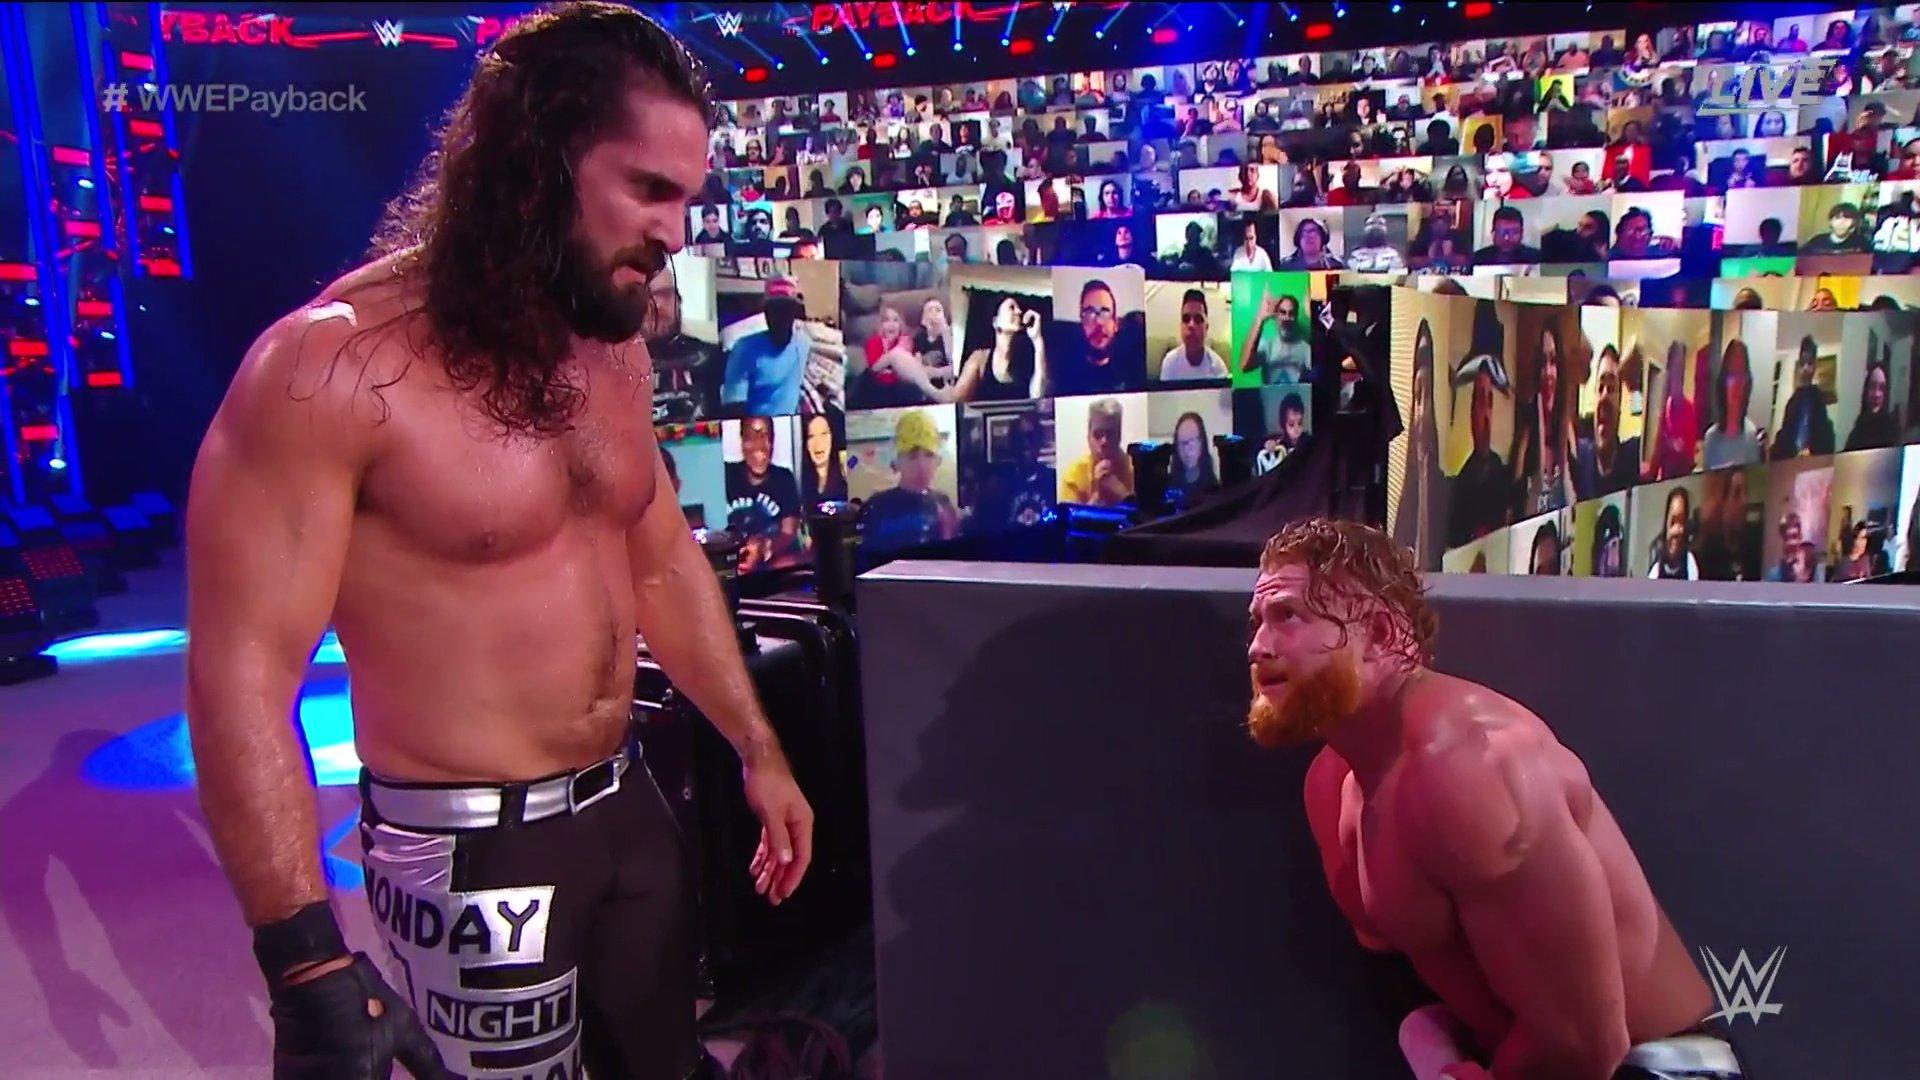 WWE Payback 2020: Seth Rollins and Buddy Murphy